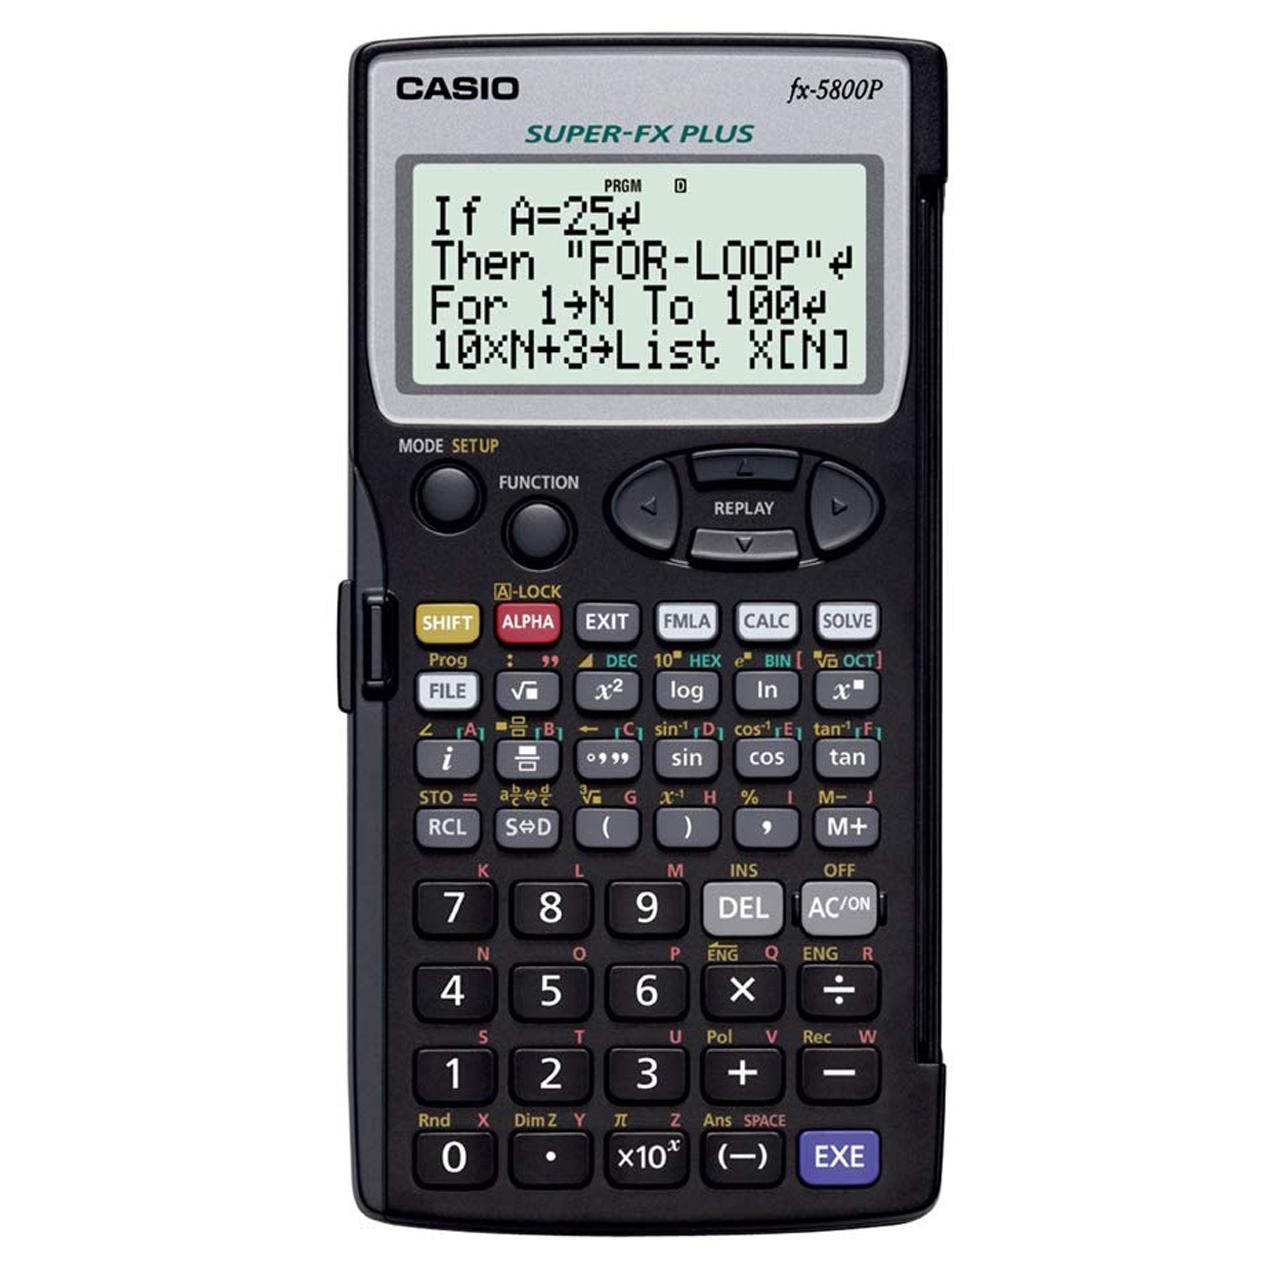 خرید ماشین حساب کاسیو FX-5800